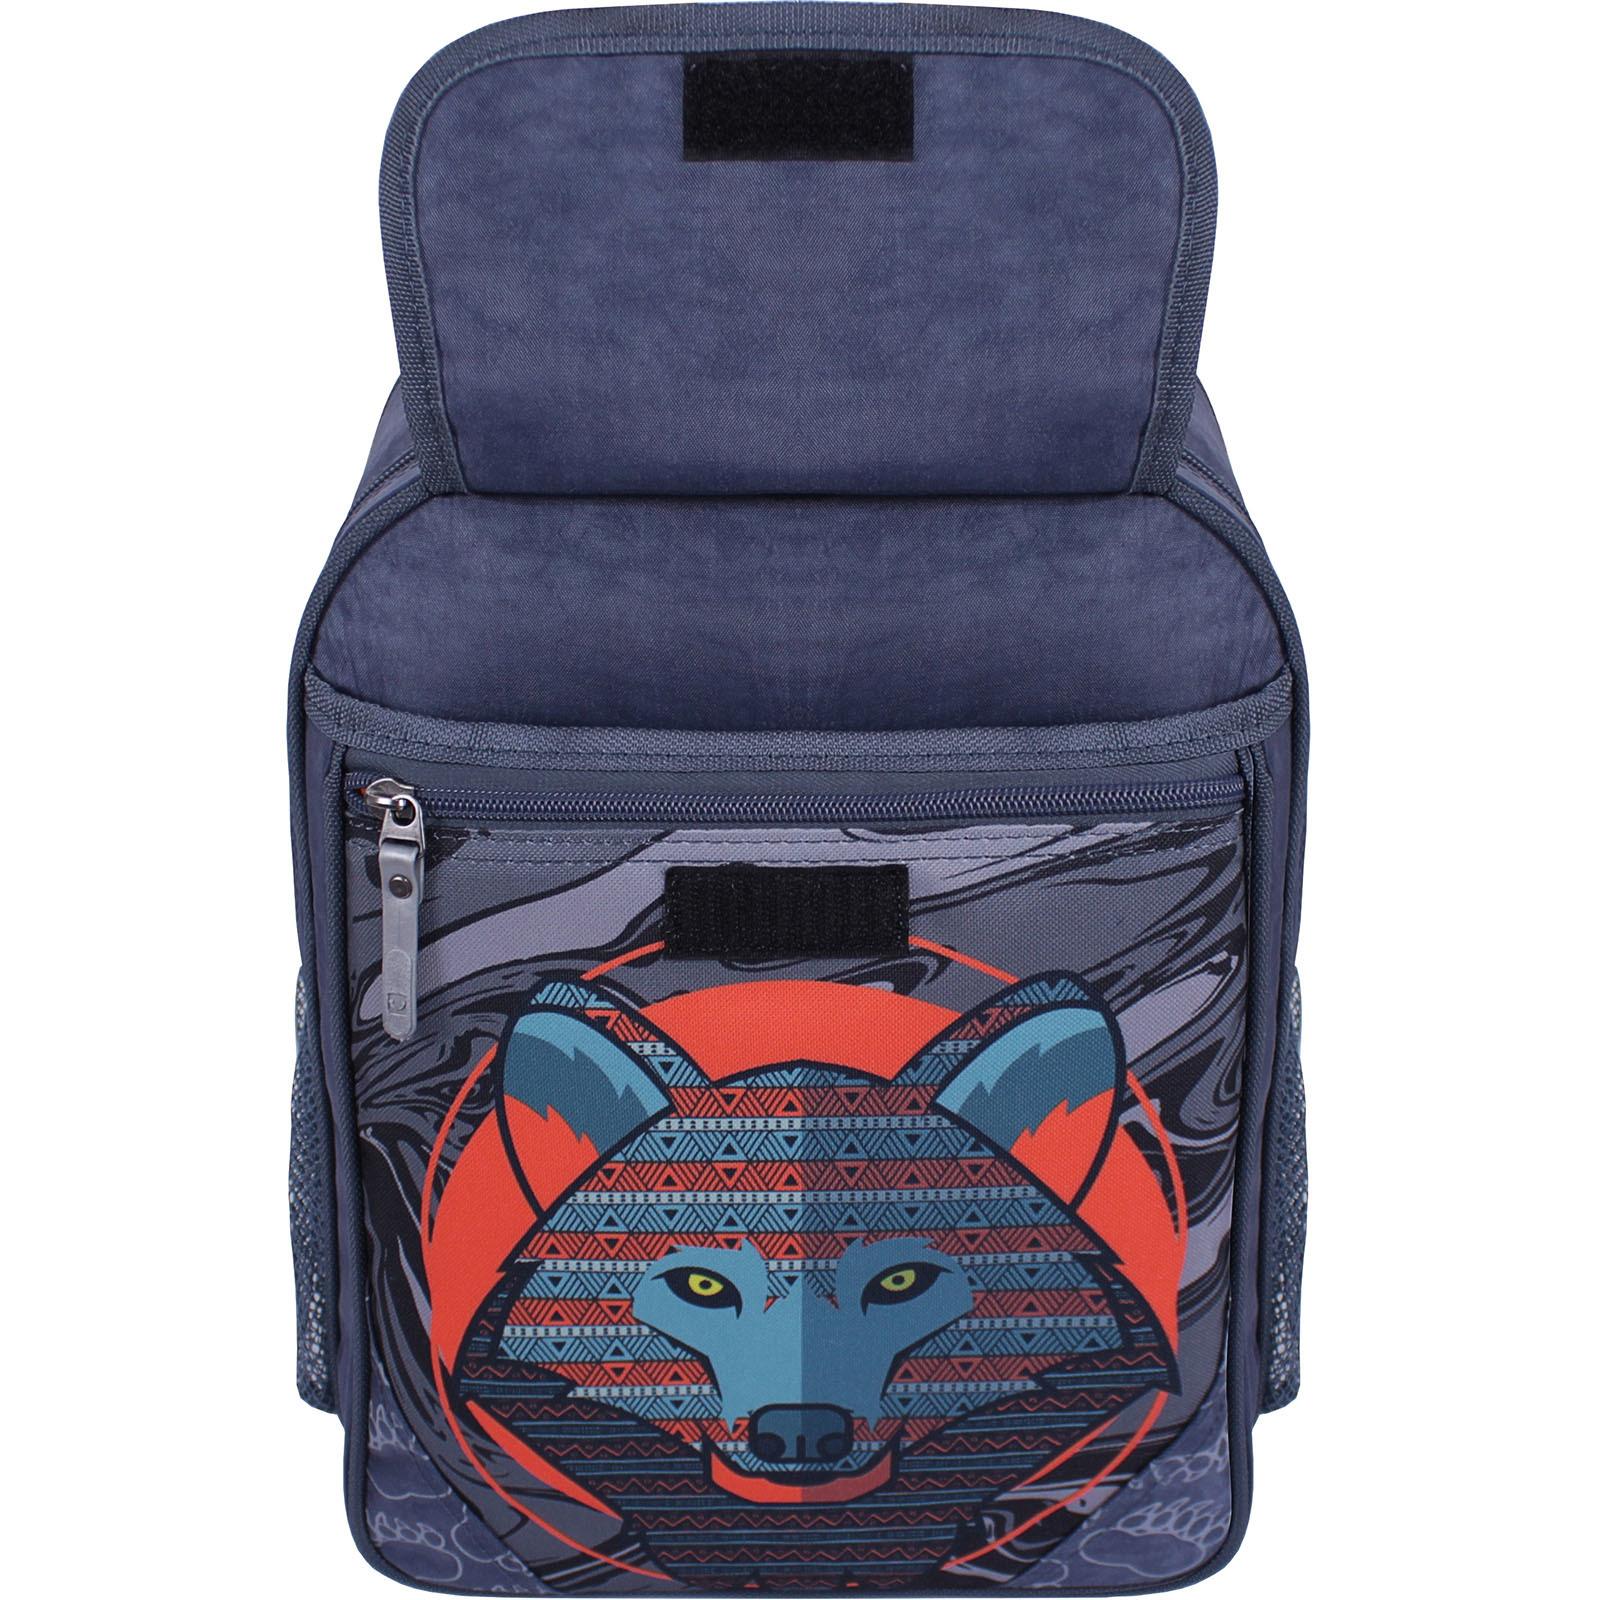 Рюкзак школьный Bagland Отличник 20 л. 321 серый 509 (0058070) фото 4